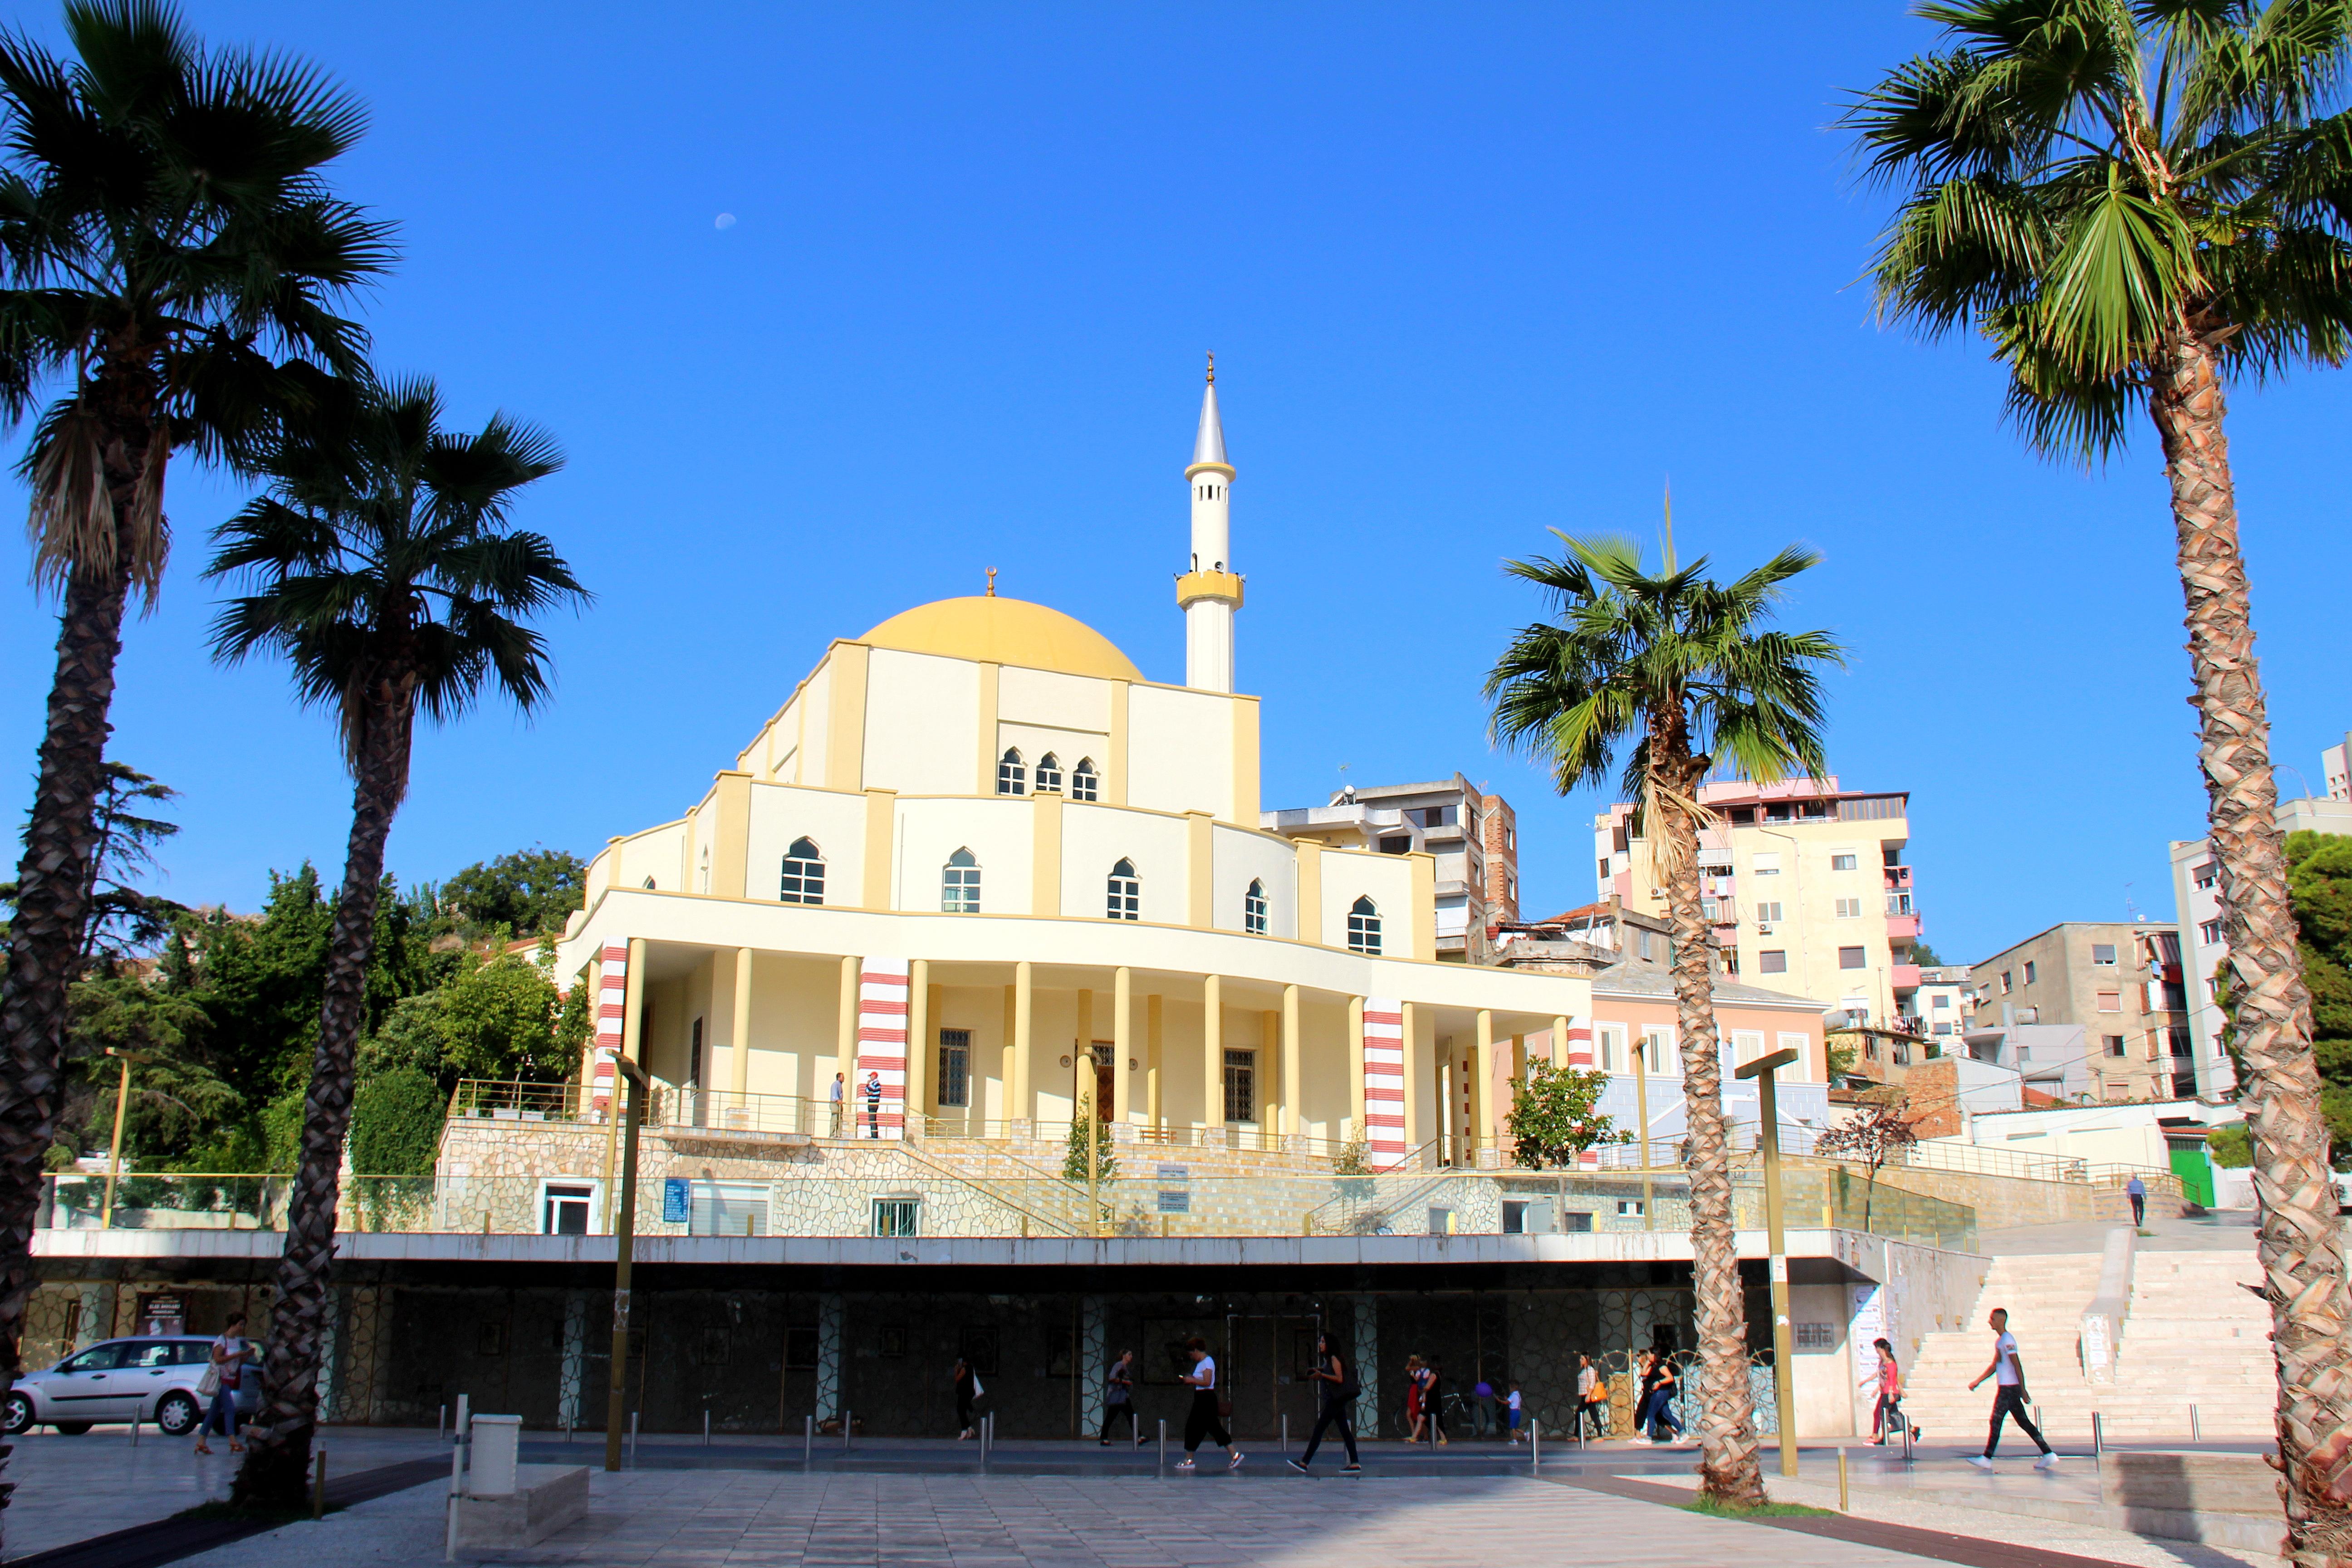 Piazza principale - Cosa vedere a Durazzo